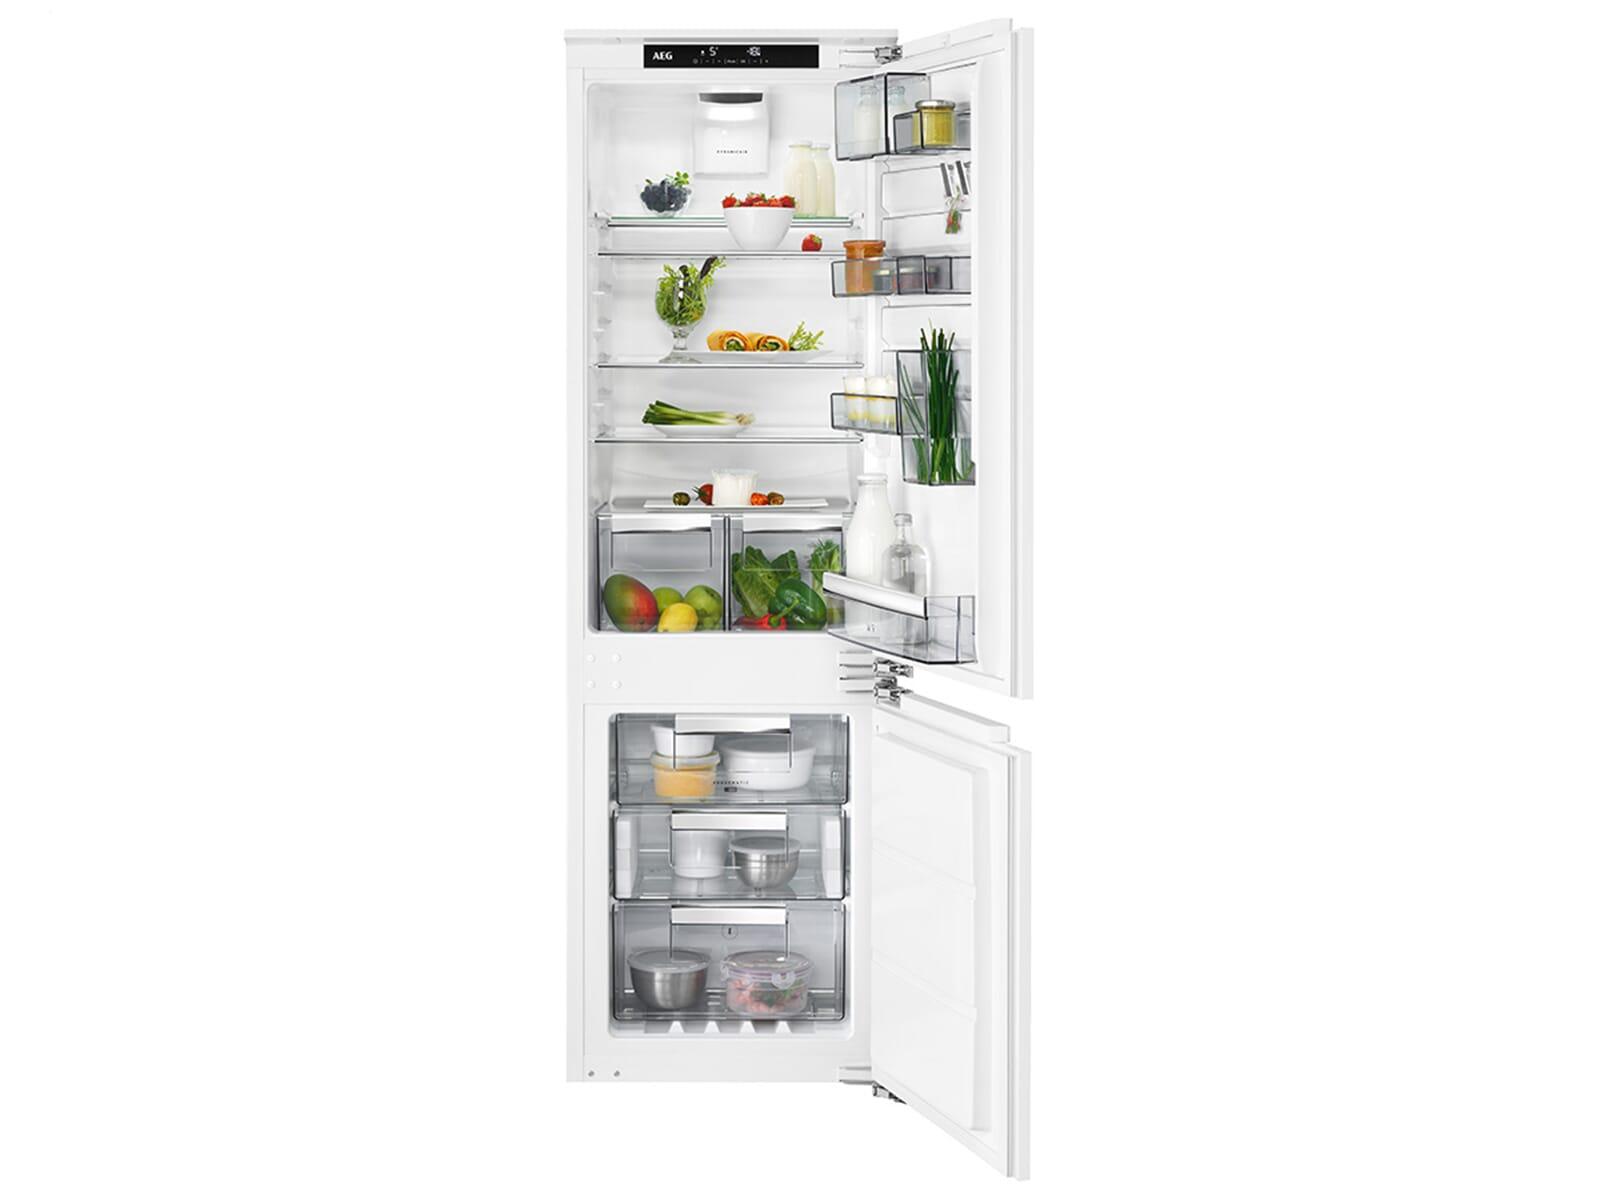 Aeg Kühlschrank Läuft Immer : Aeg sce81864tc einbau kühl gefrierkombination